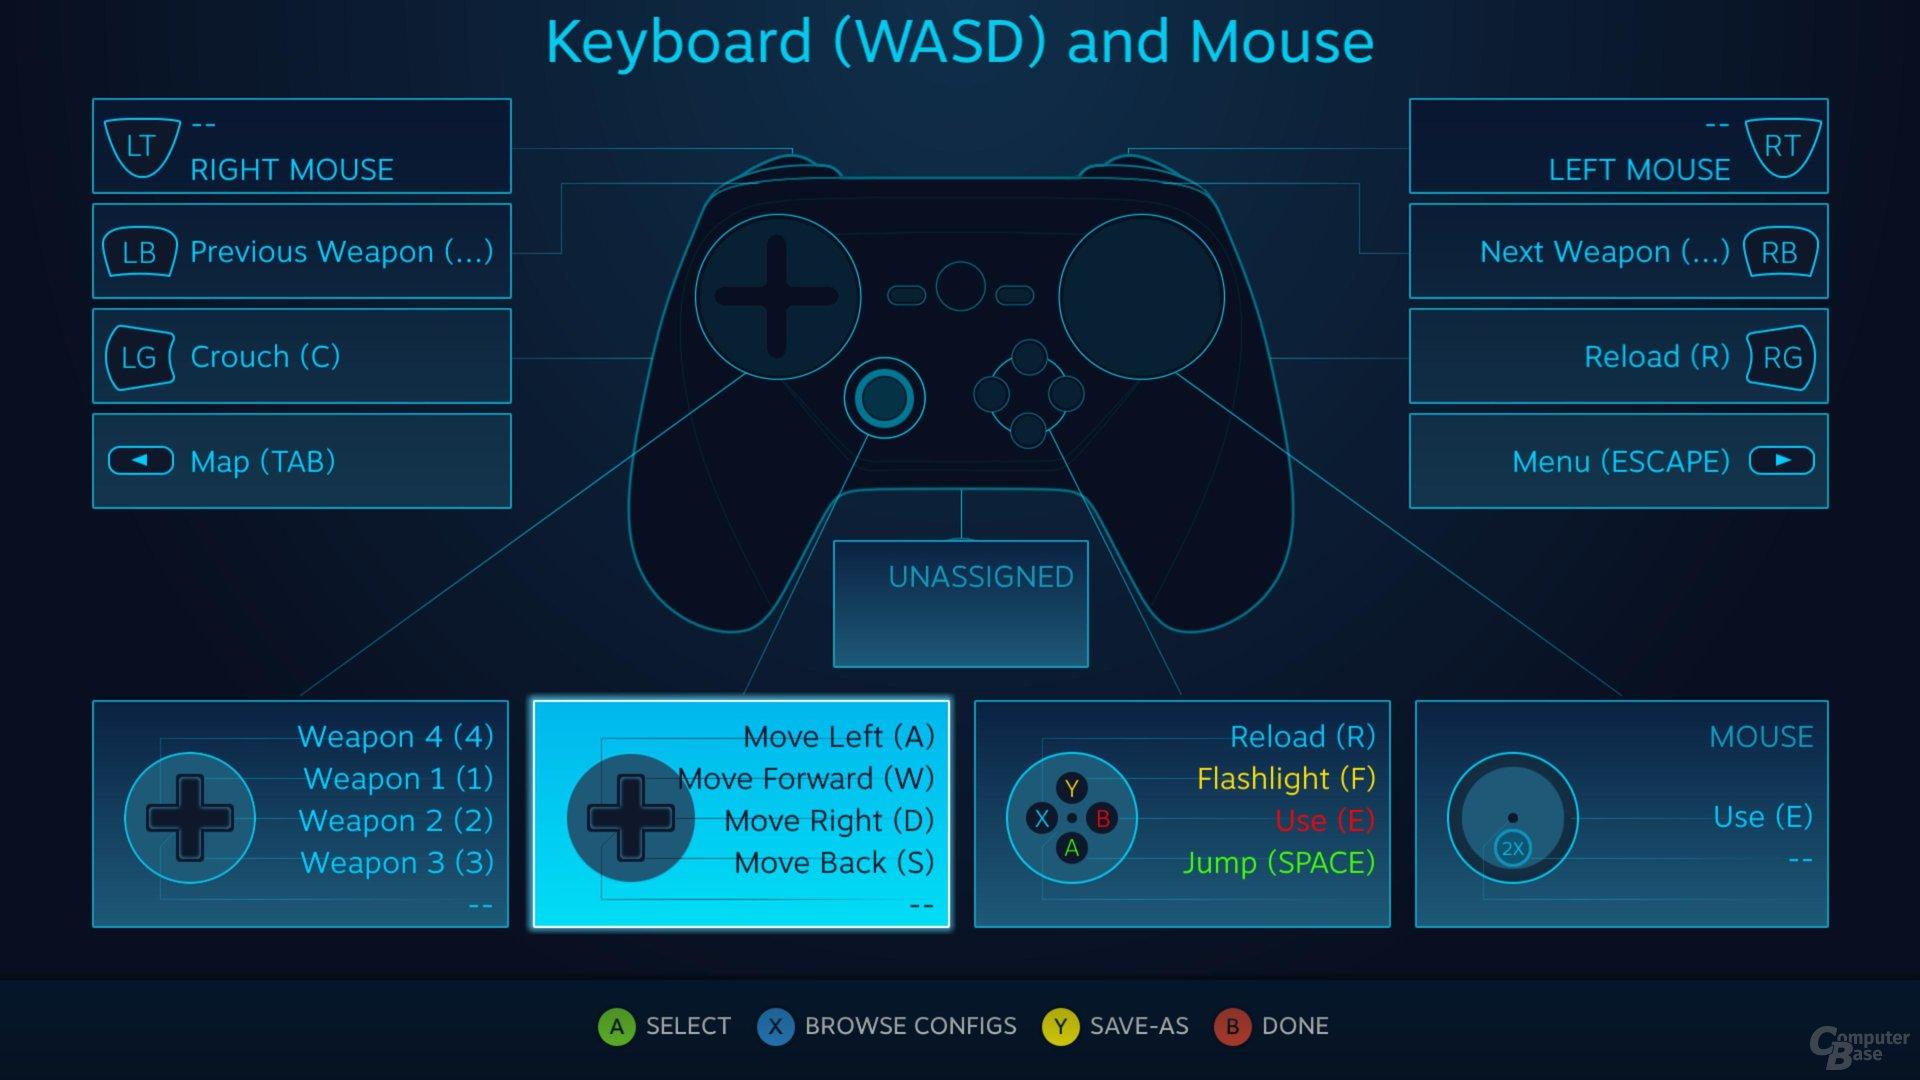 Einzelne Elemente des Controllers können im Detail angepasst werden